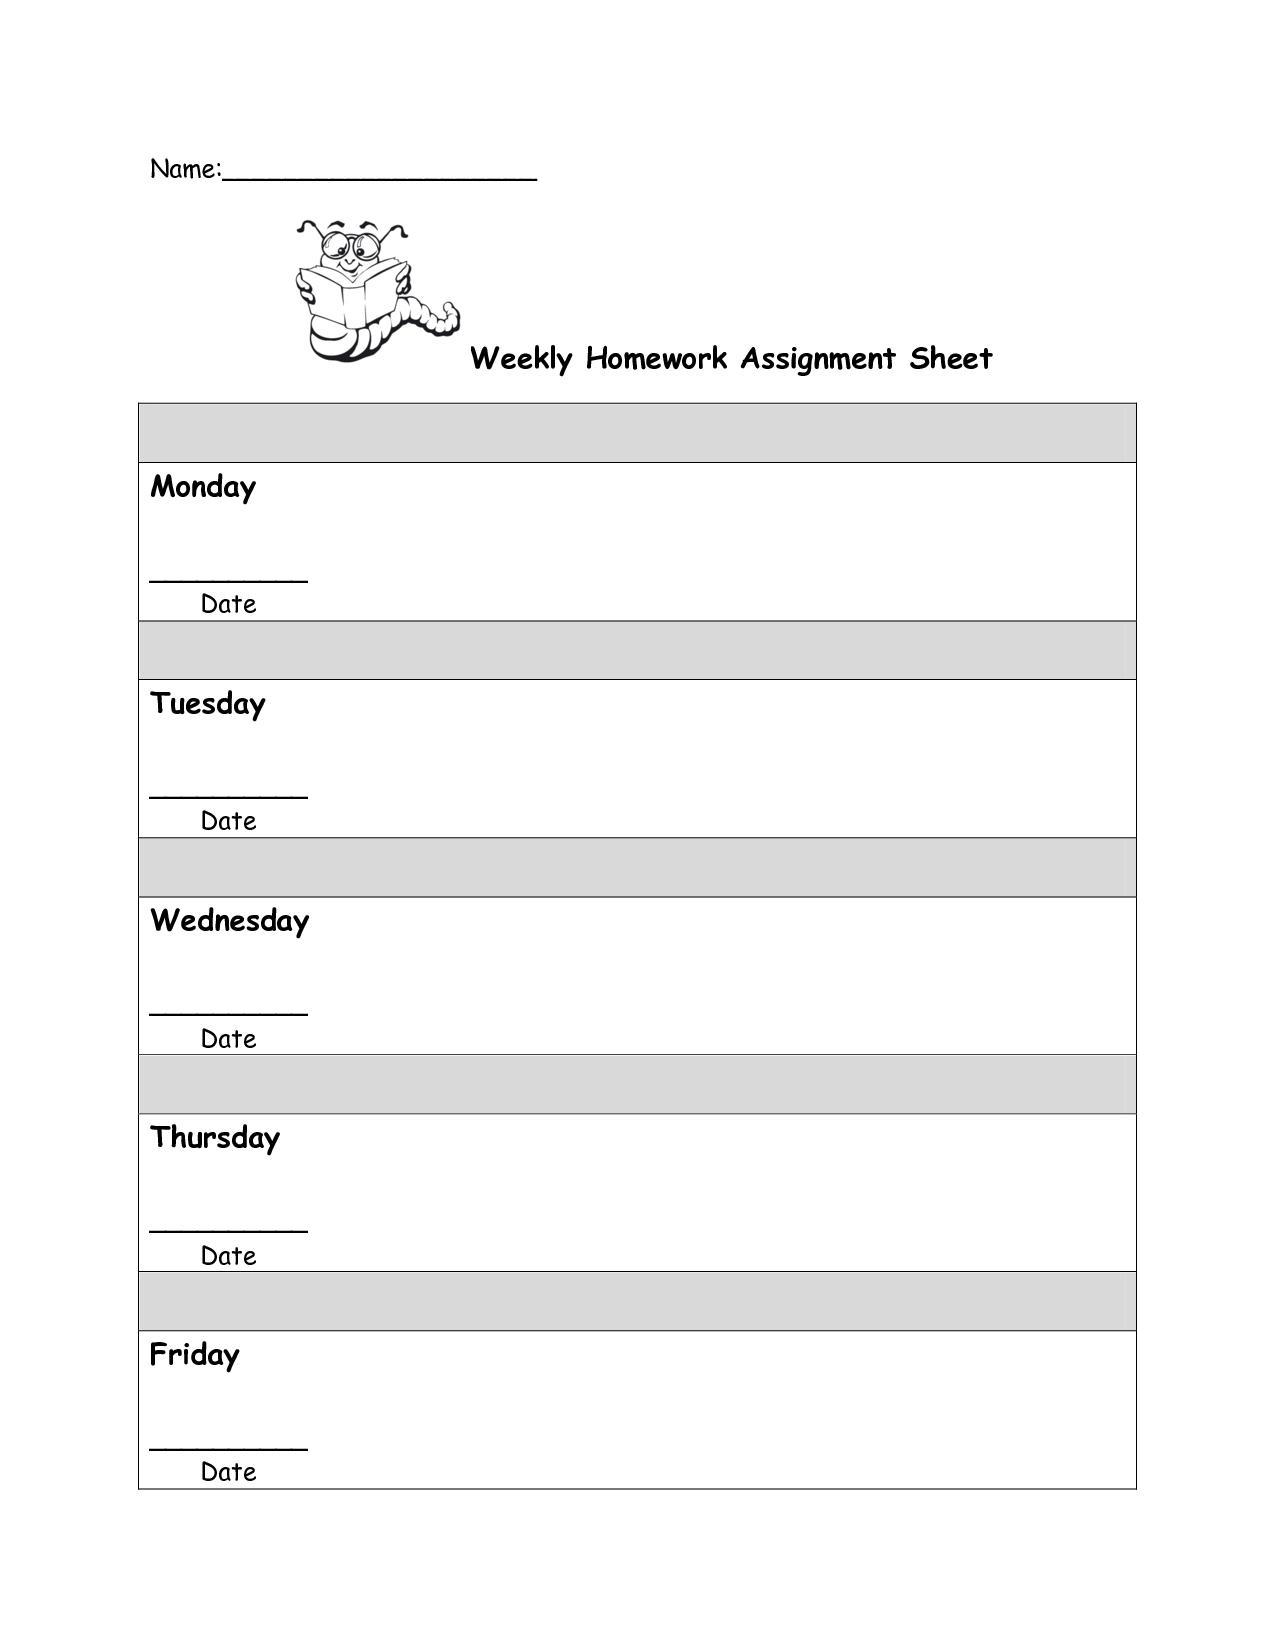 Free Homework Assignment Sheet Template Cakepins | Reading - Free Printable Homework Assignment Sheets